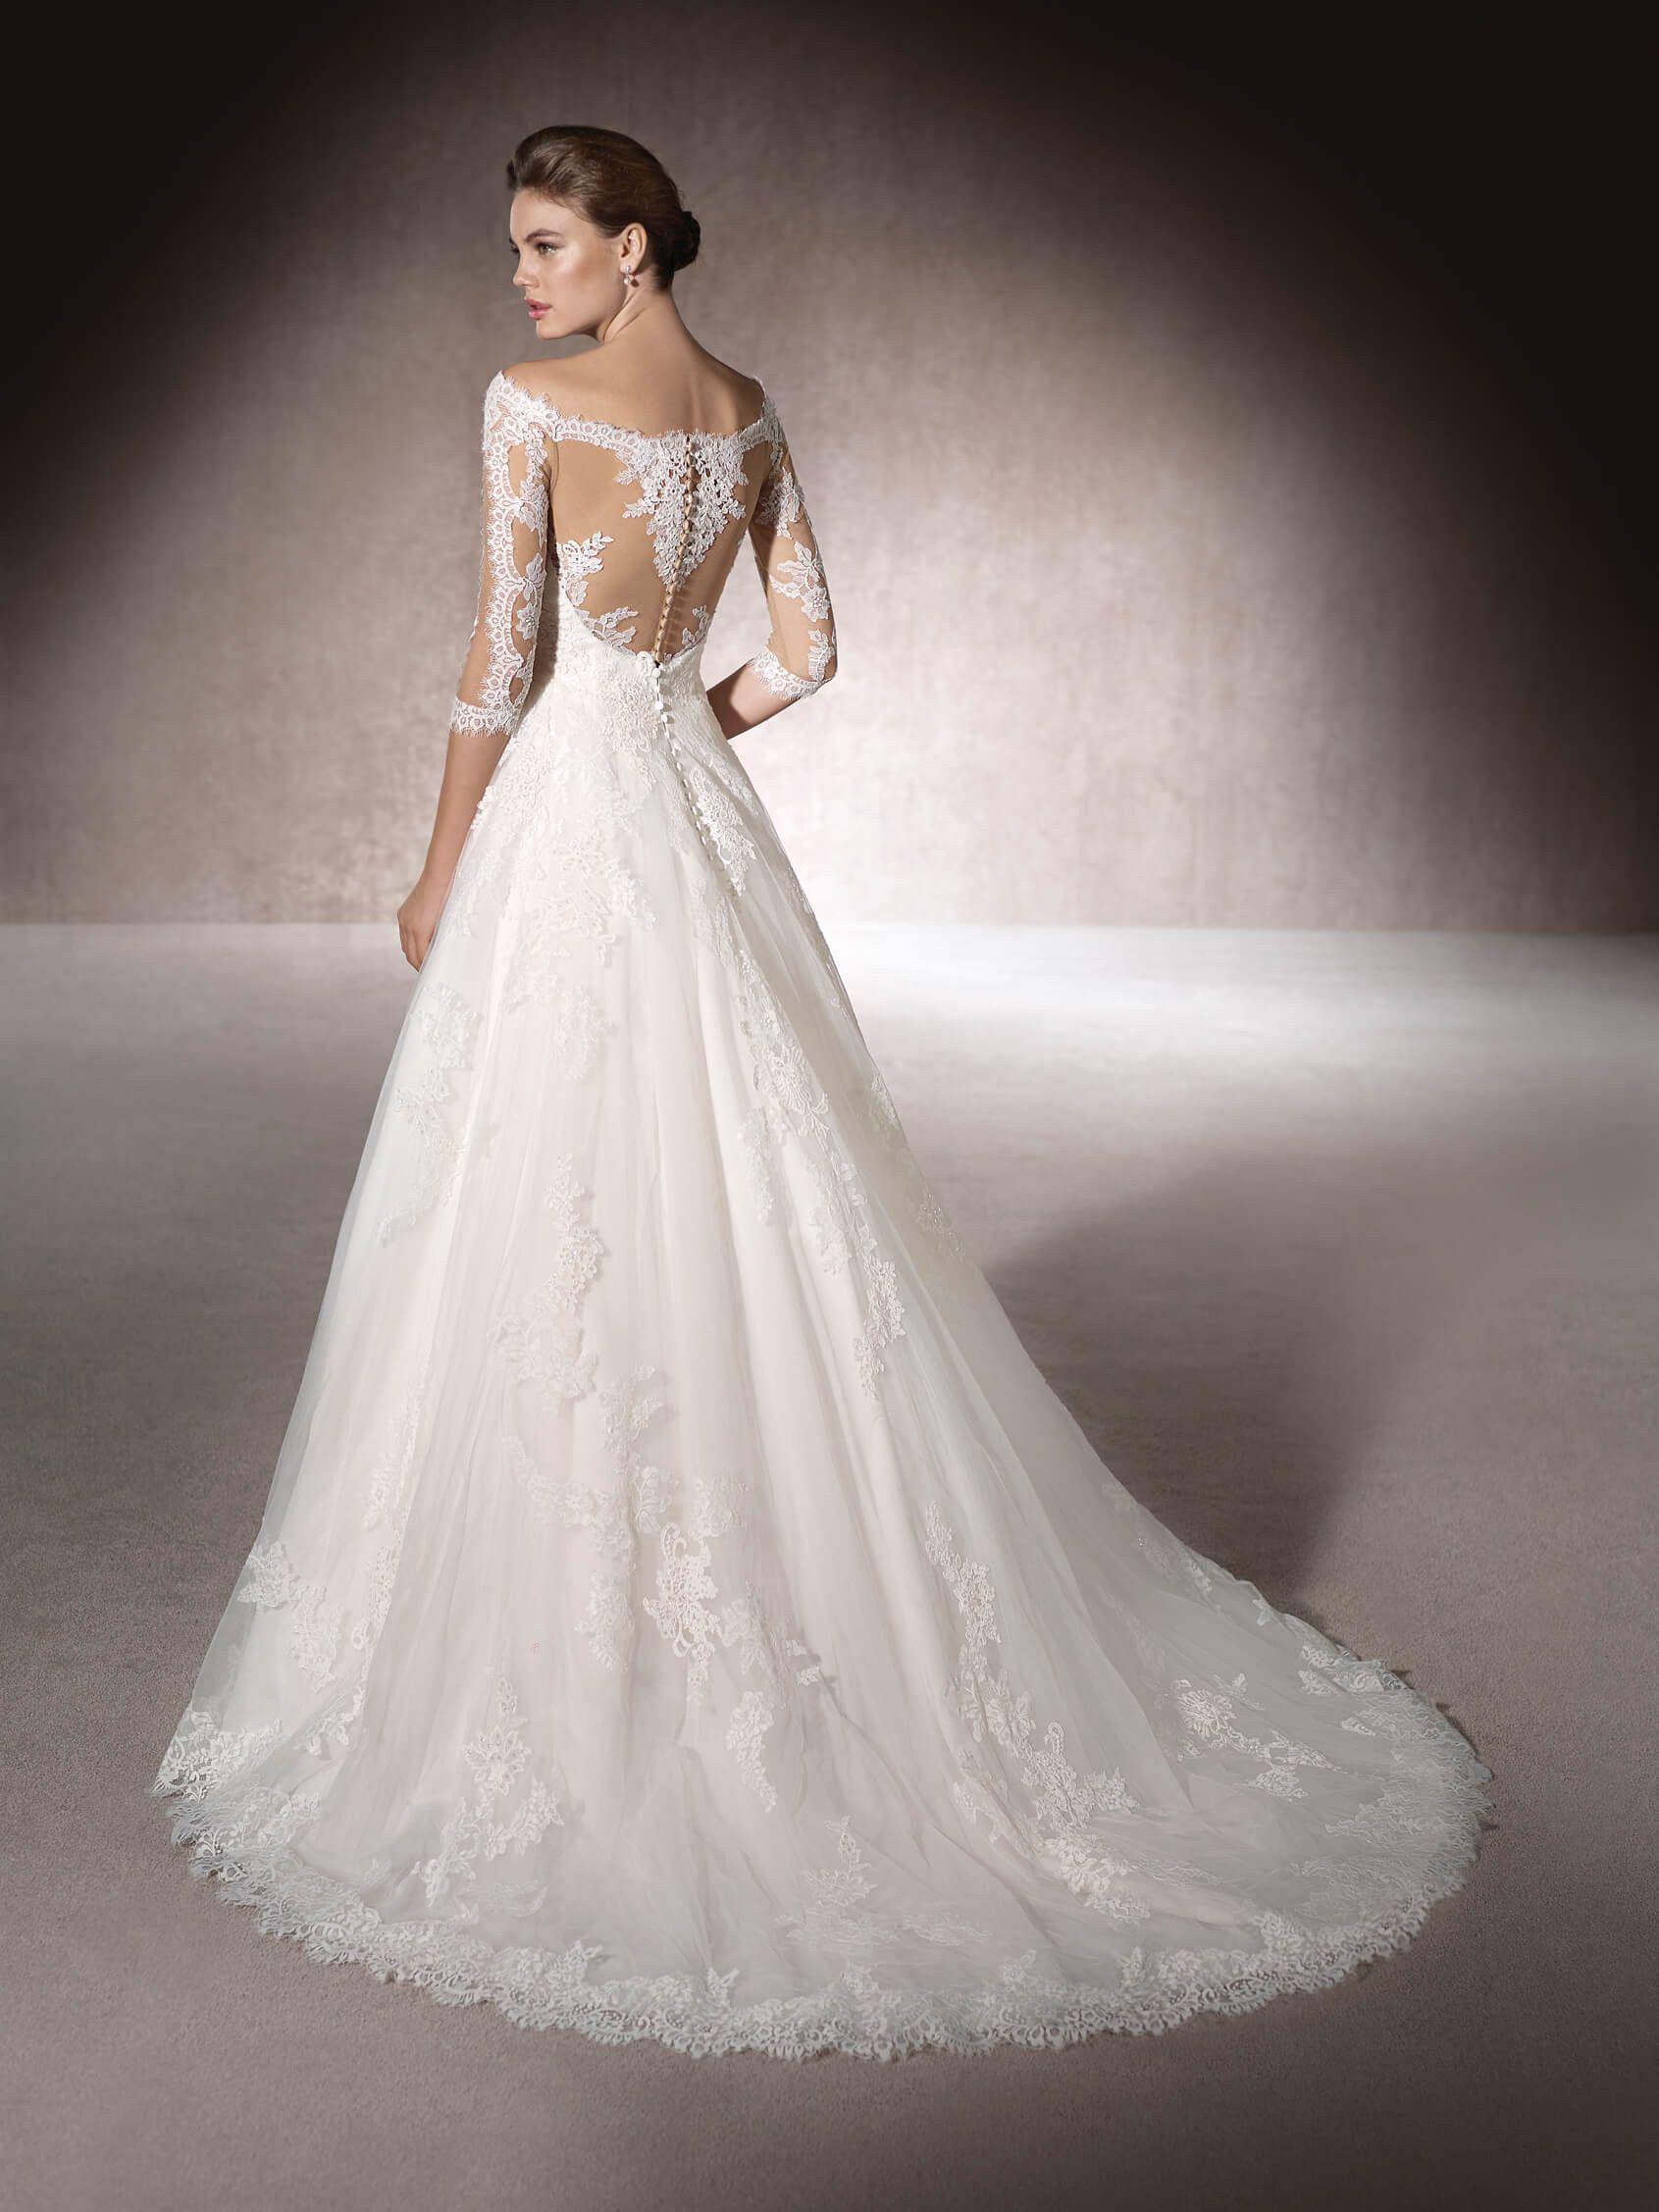 Vestido de noiva princesa Manoli | Vestidos de Noivas s2 | Pinterest ...